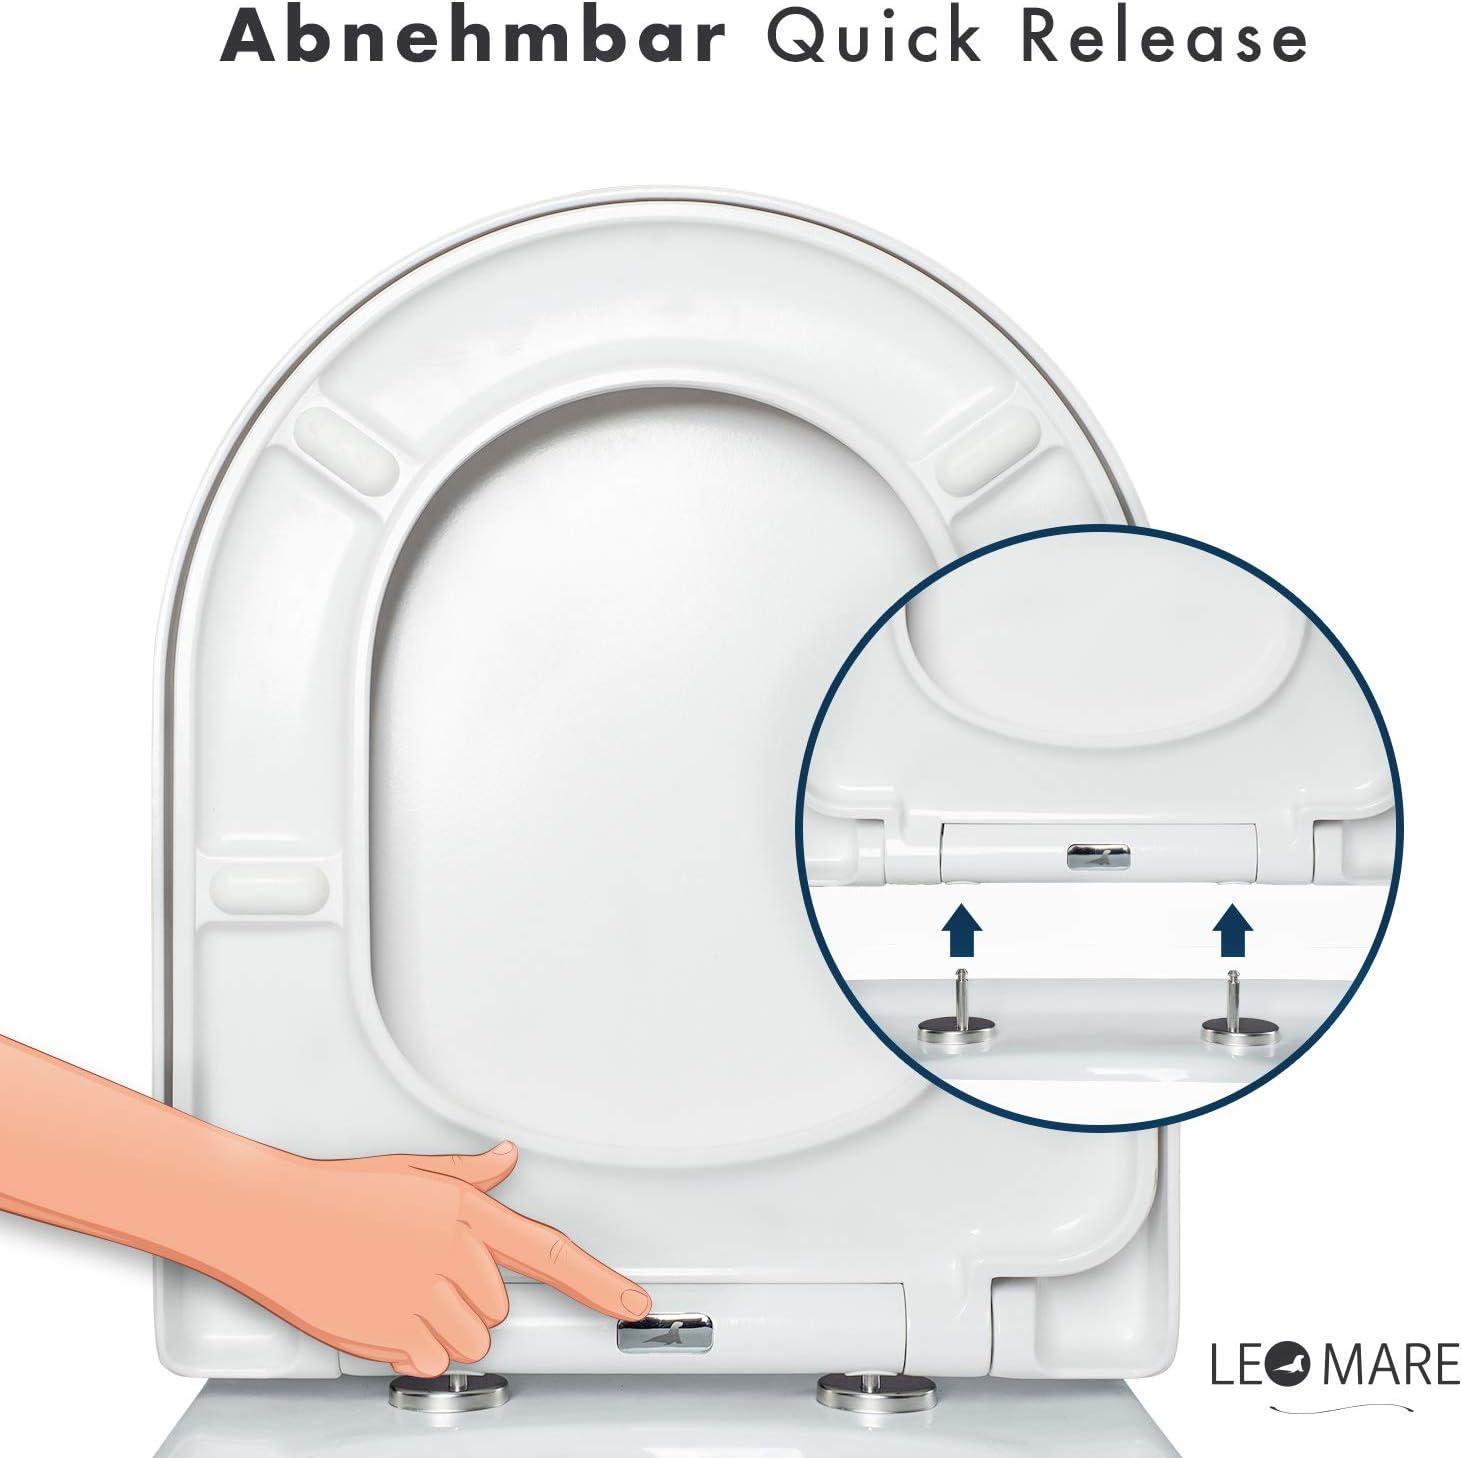 montage facile Duroplast blanc couvercle de toilettes amovible Soft Close couvercle lunette de toilettes antibact/érienne Abattant de WC forme D haut de gamme avec frein de chute